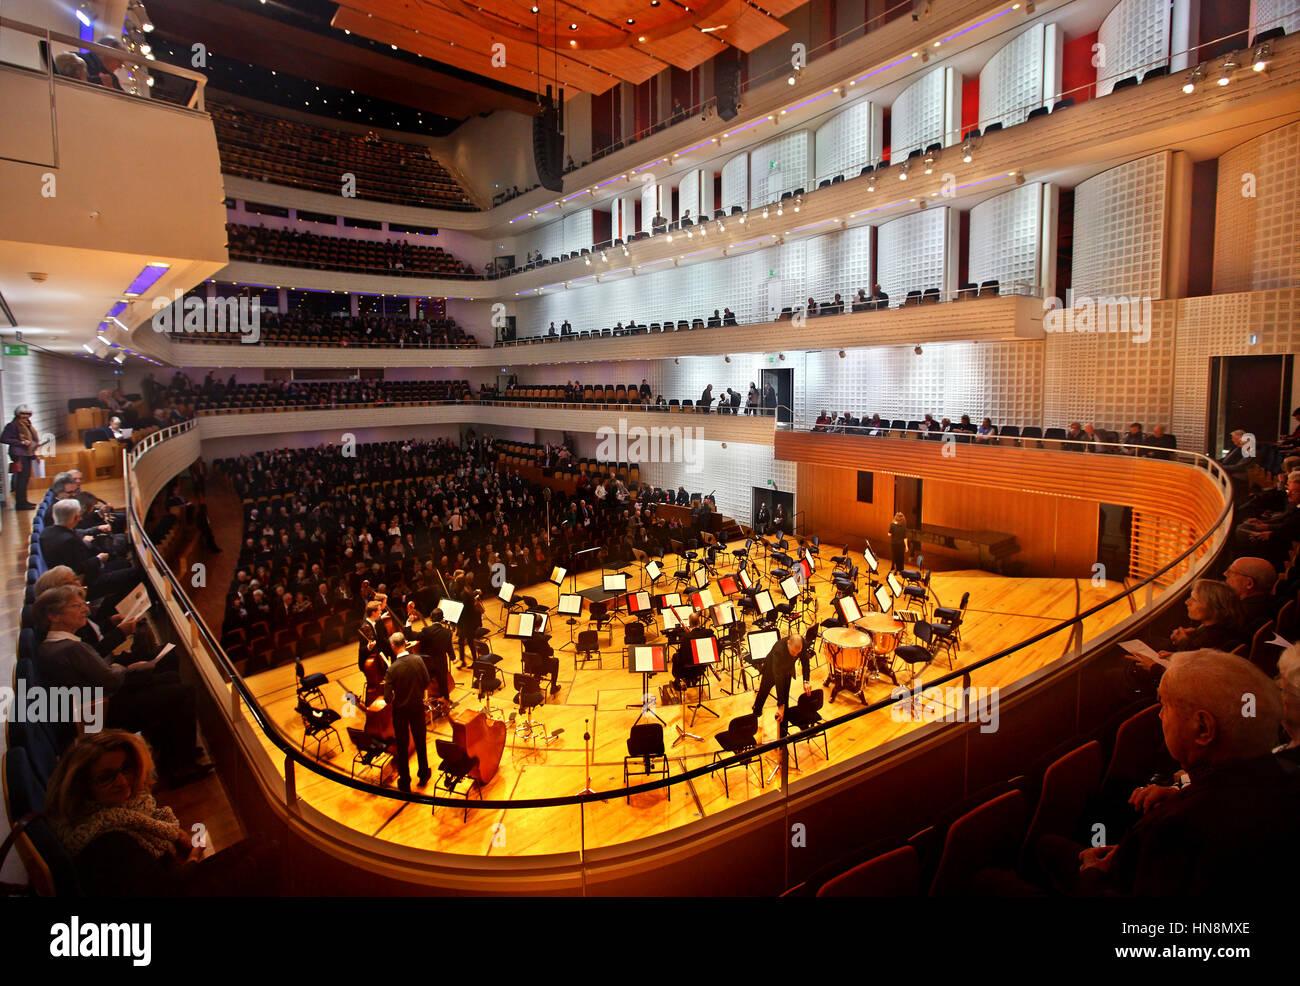 Der Konzertsaal im KKL (Kultur-Und Kongresszentrum Luzern), Luzern, Schweiz. Stockbild